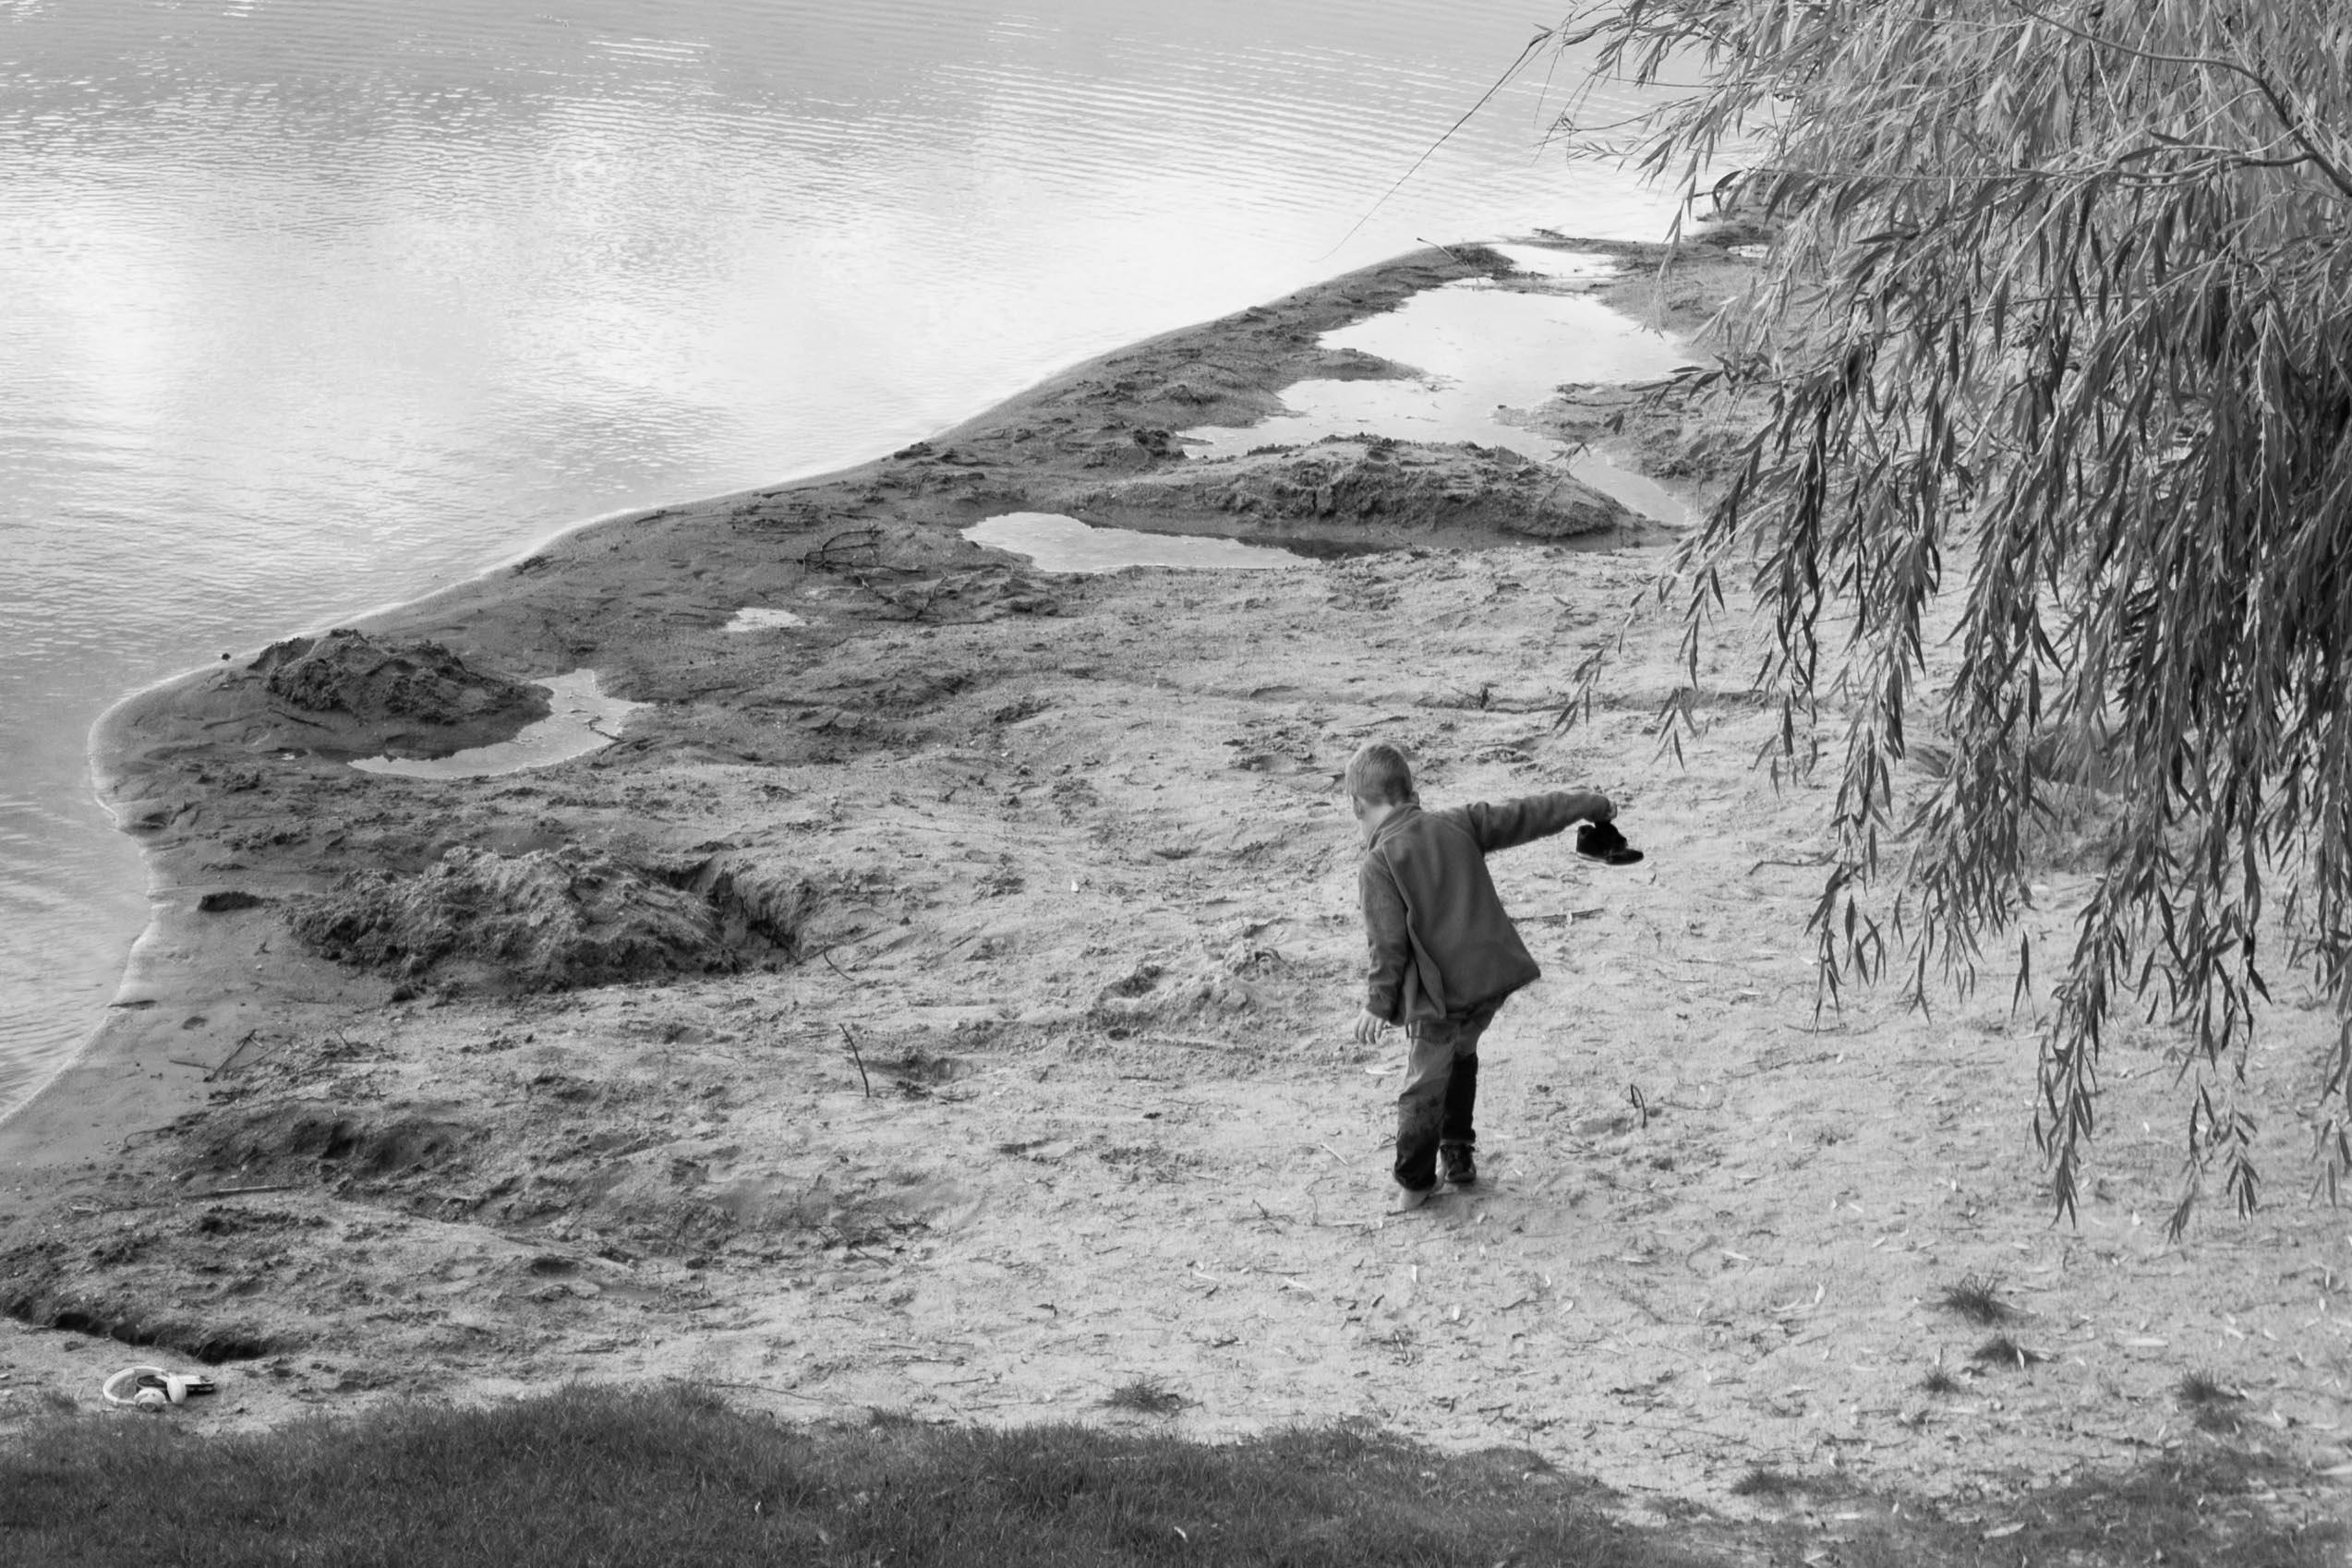 Kostenlose foto : Strand, Sand, Rock, Wildnis, Berg, Schnee, Winter ...